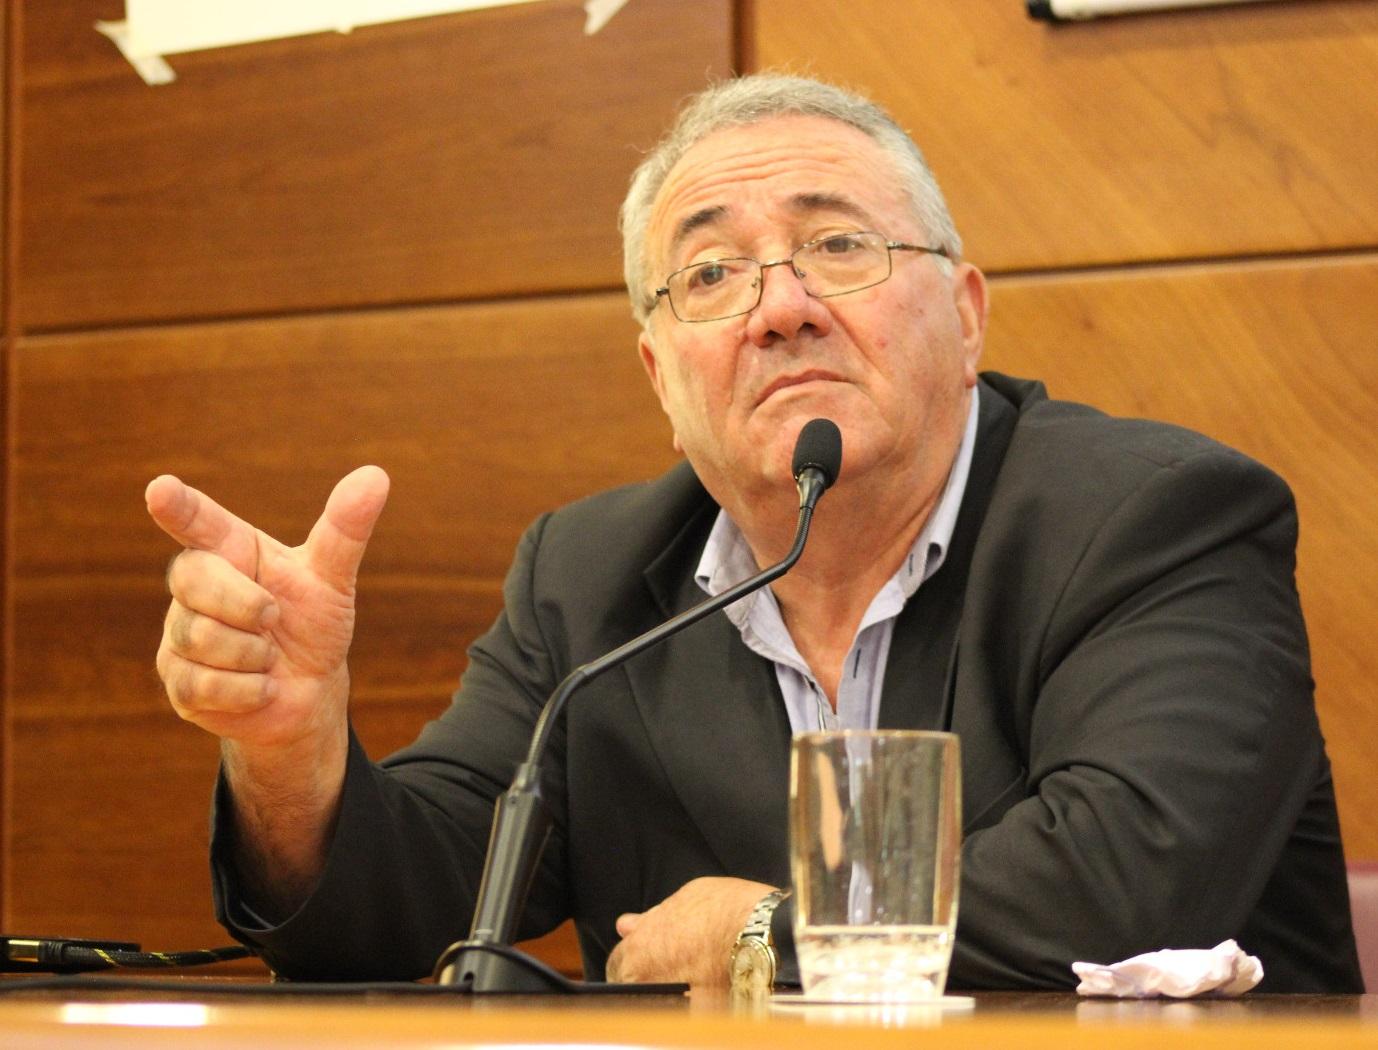 foto consigliere regionale Roberto Salvini gruppo misto